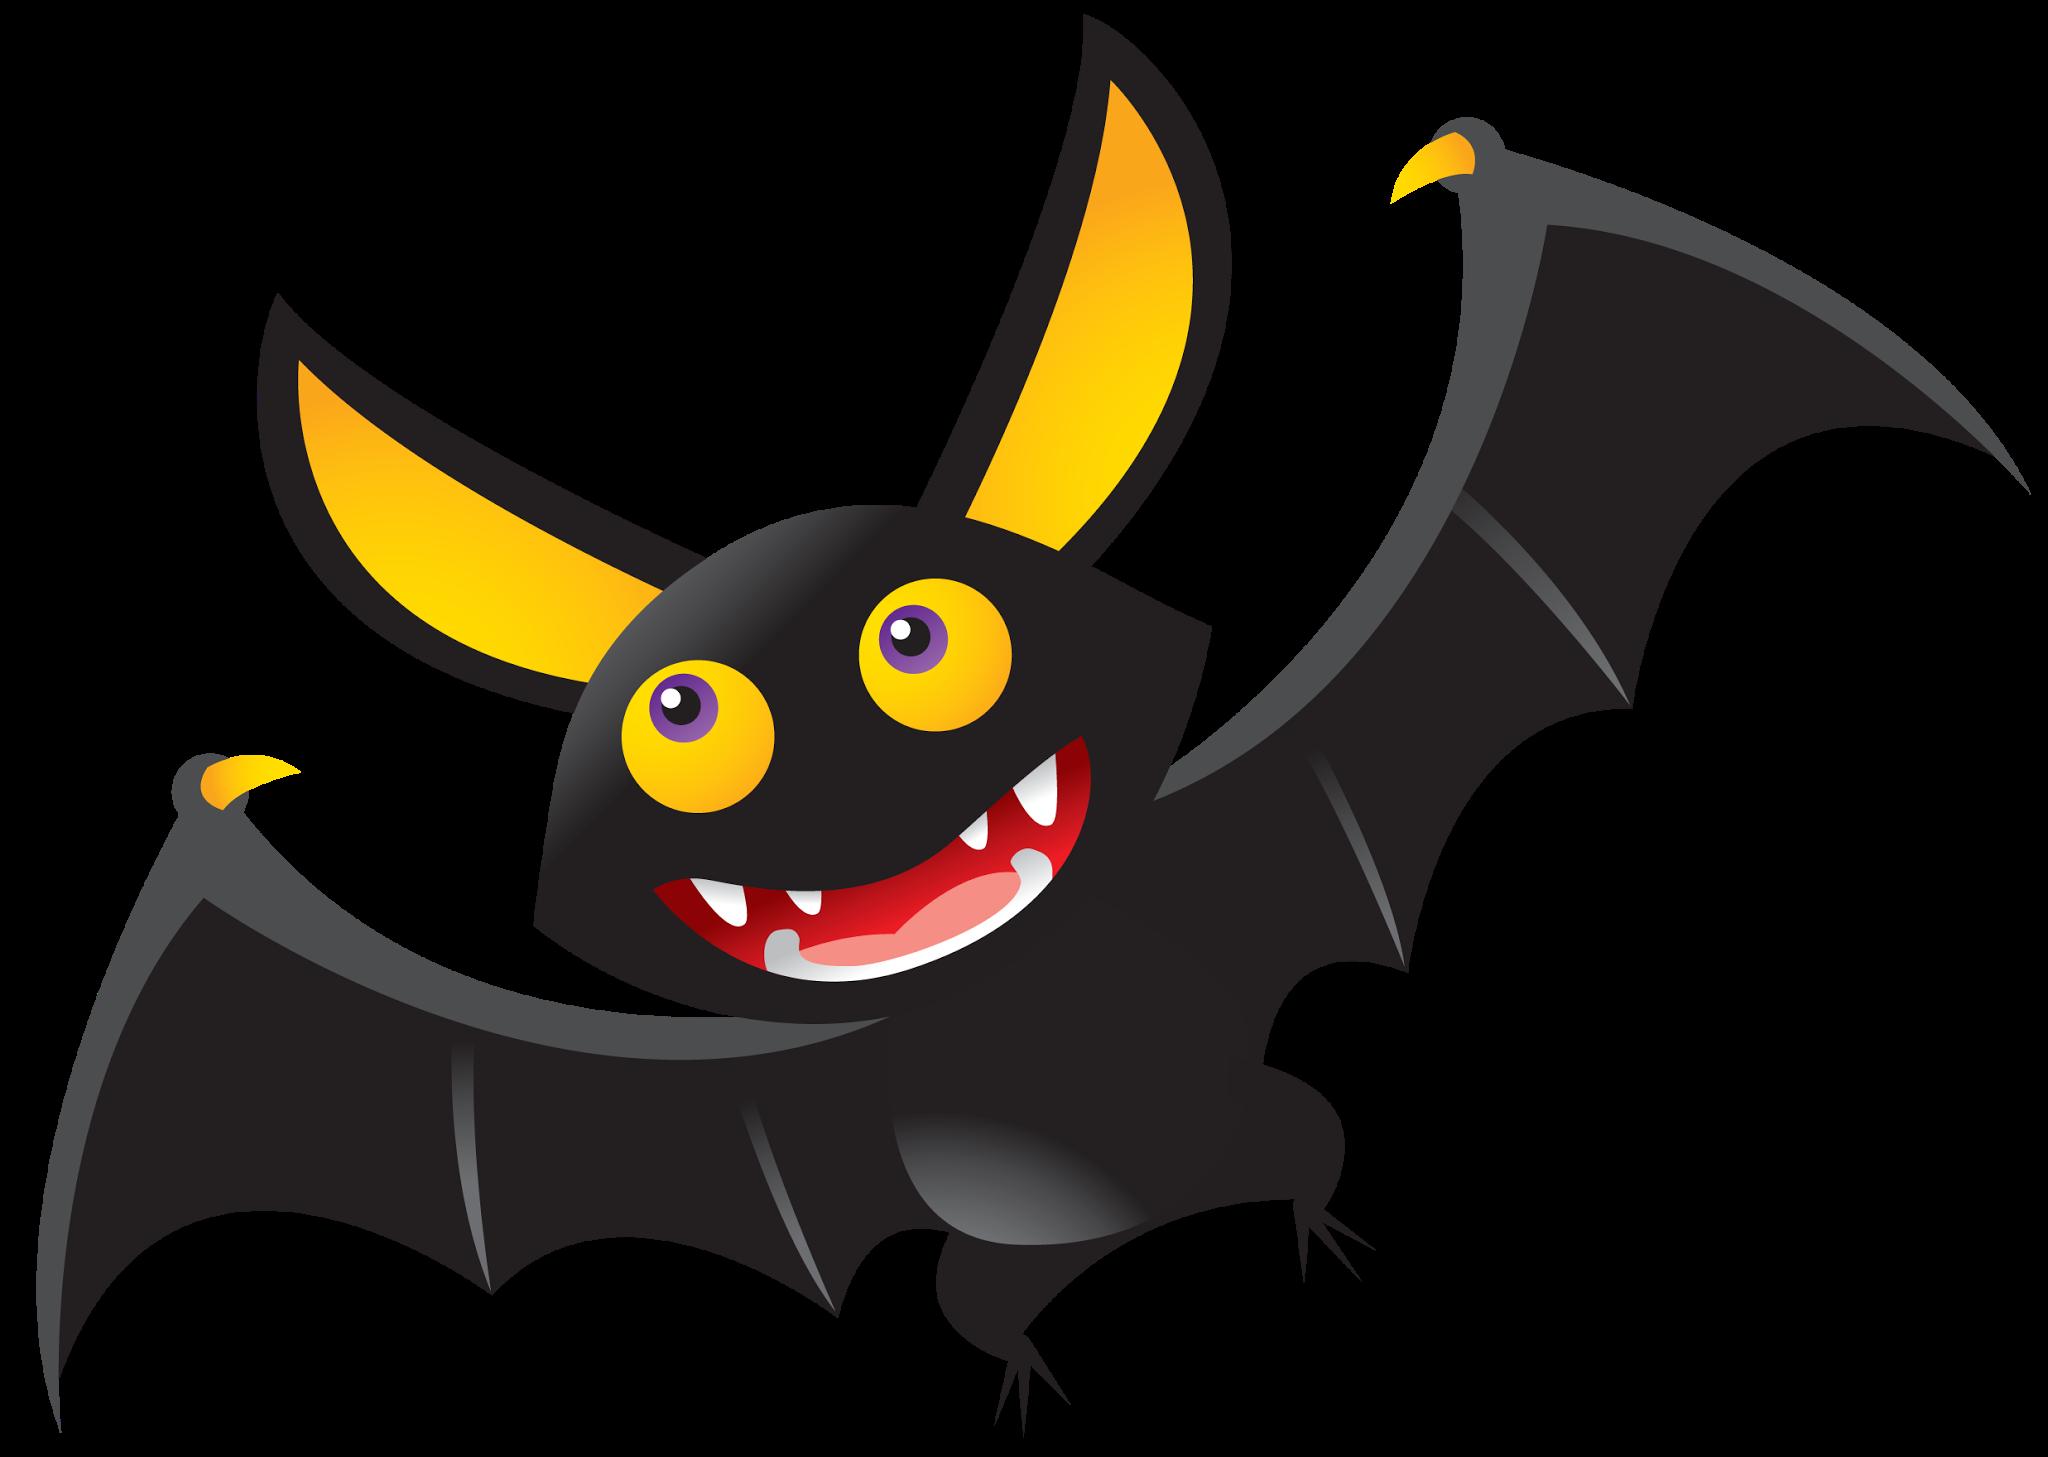 Murciélago de ojos grandes